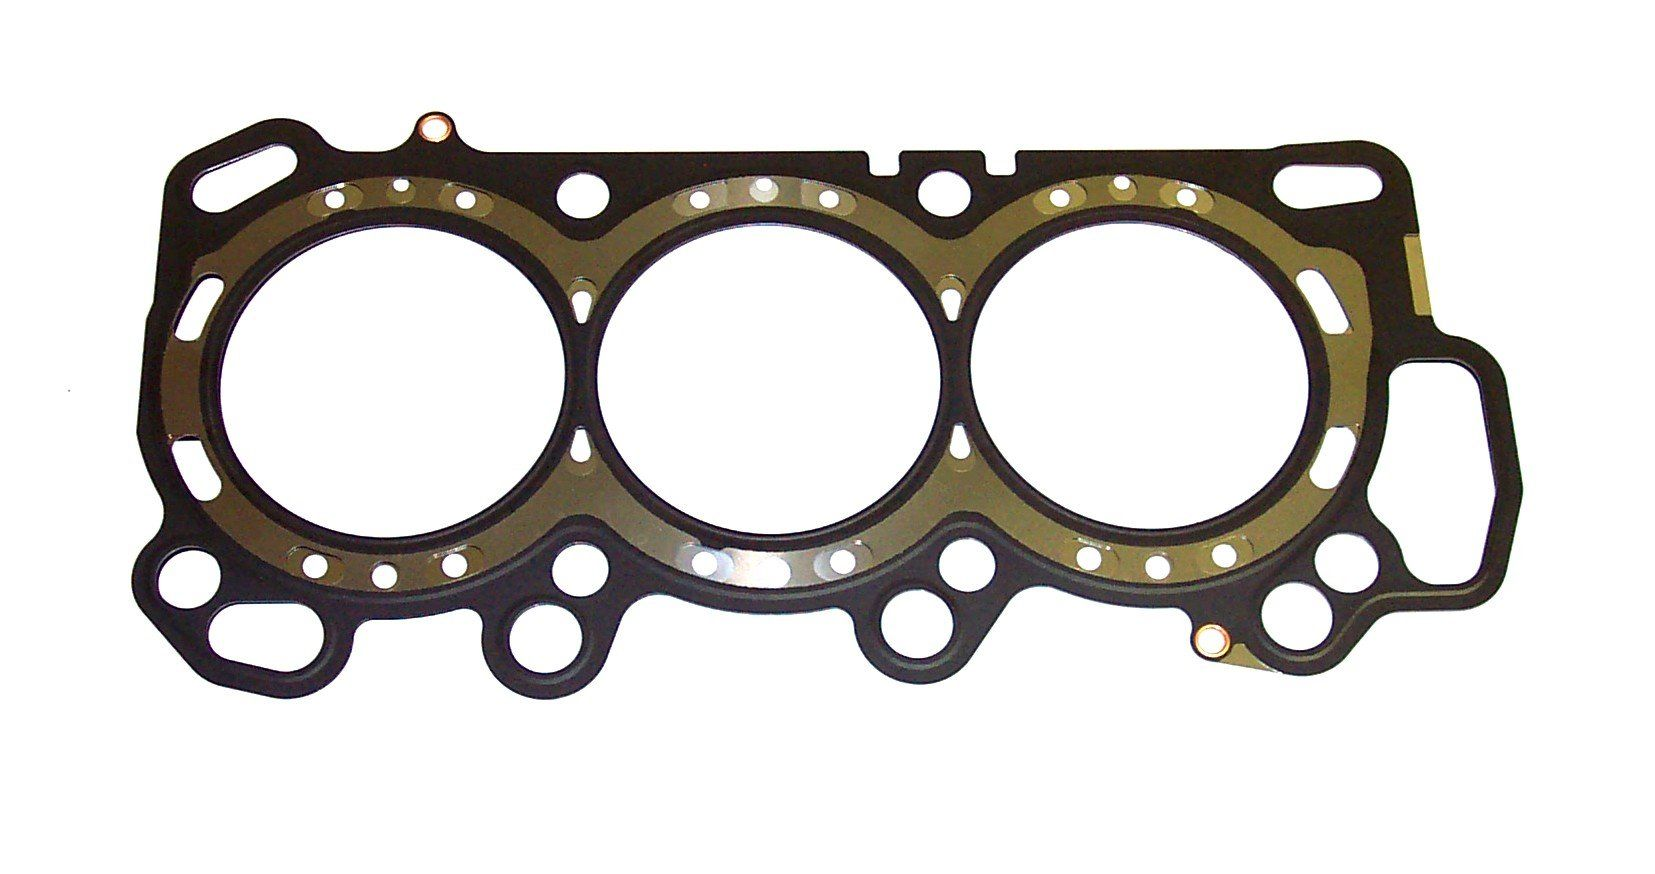 2001 Acura CL Engine Cylinder Head Gasket - N/A 6 Cyl 3.2L (DJ Rock HG260)